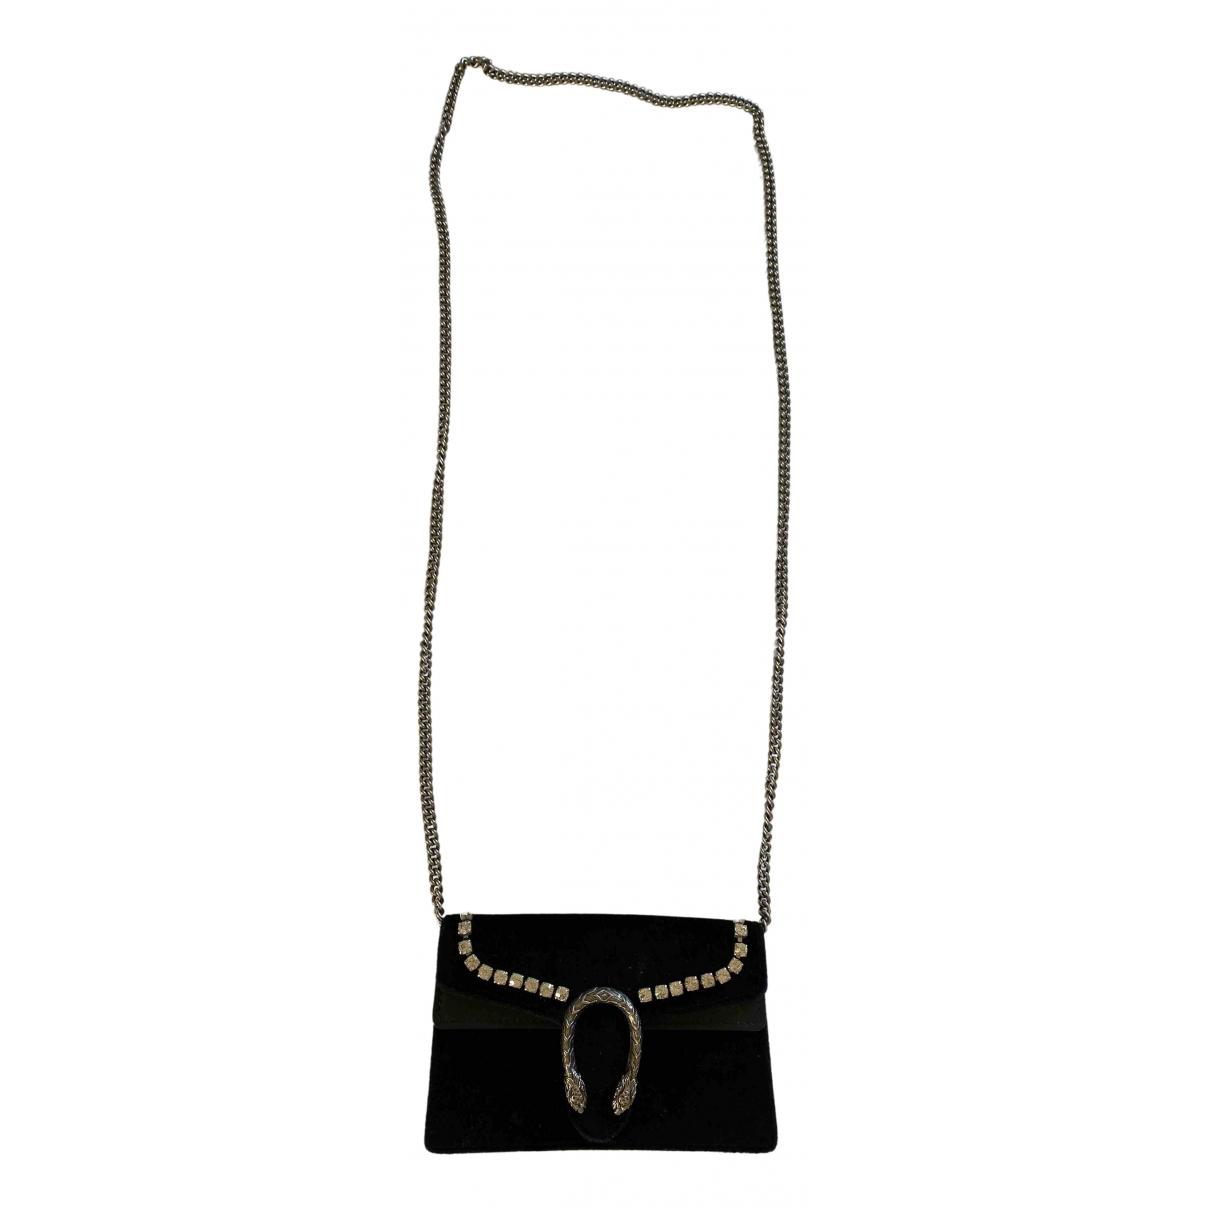 Gucci Dionysus Handtasche in  Schwarz Samt